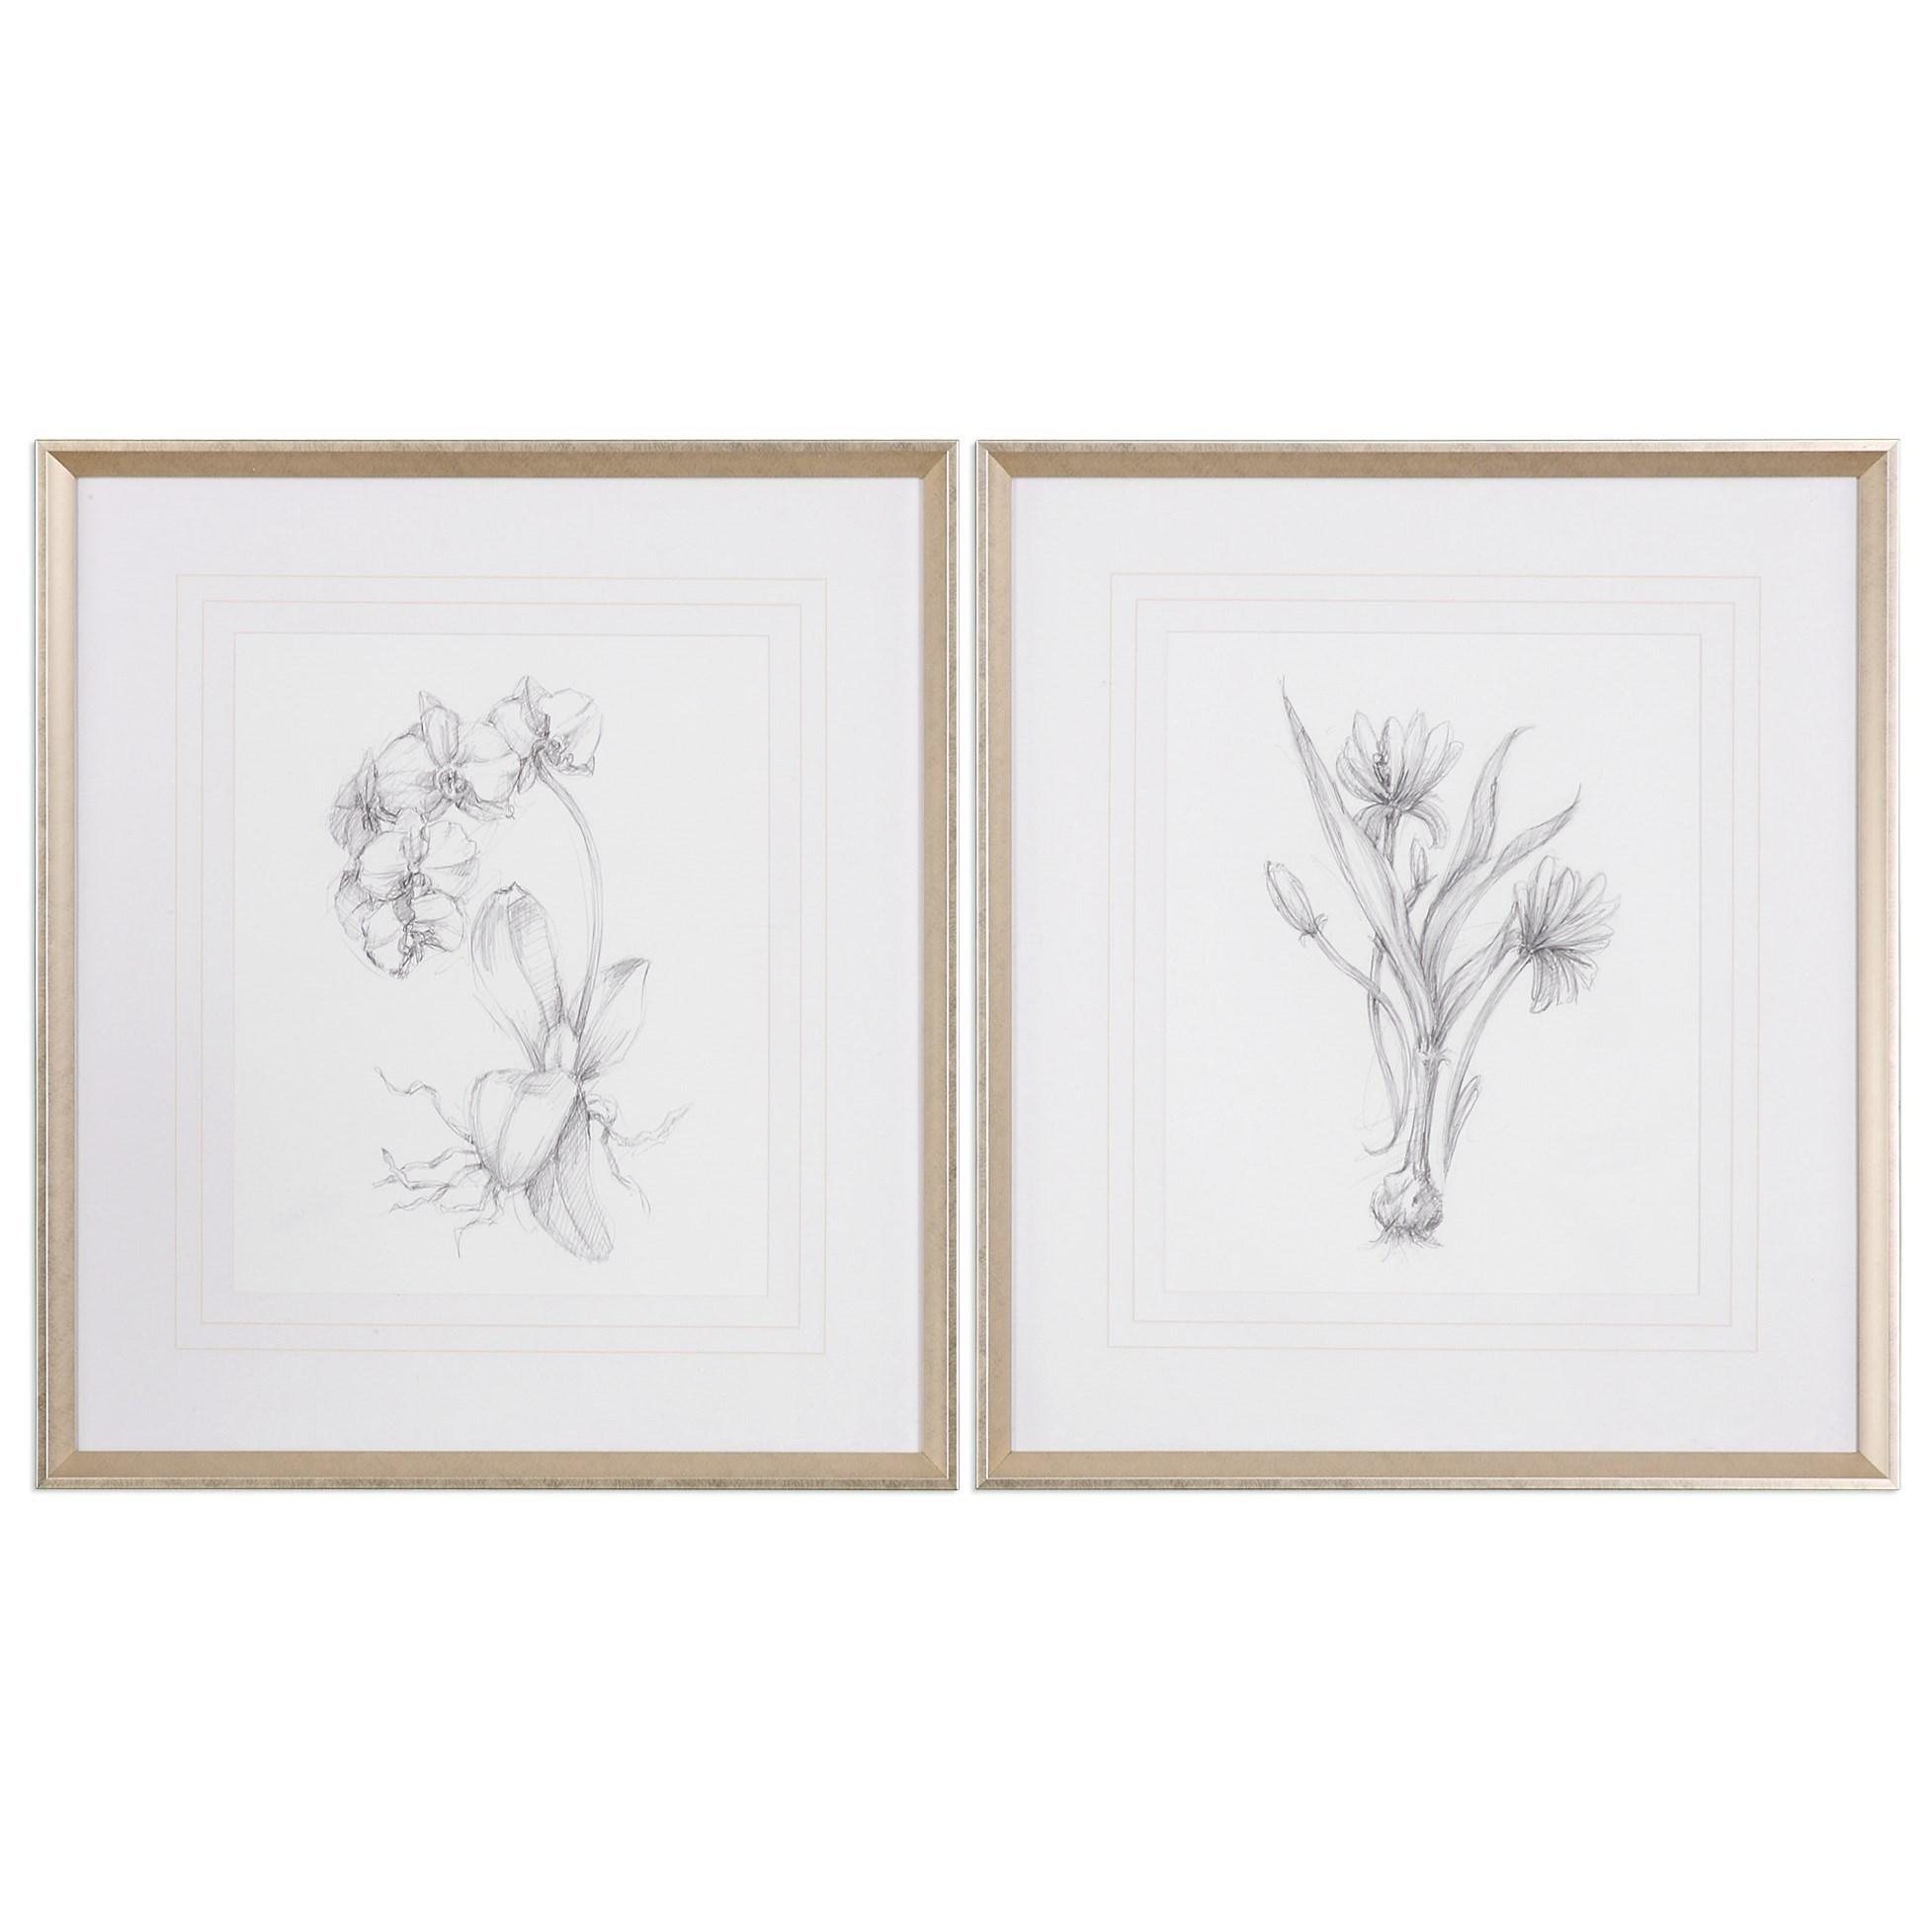 Uttermost Art Botanical Sketches (Set of 2) - Item Number: 33649